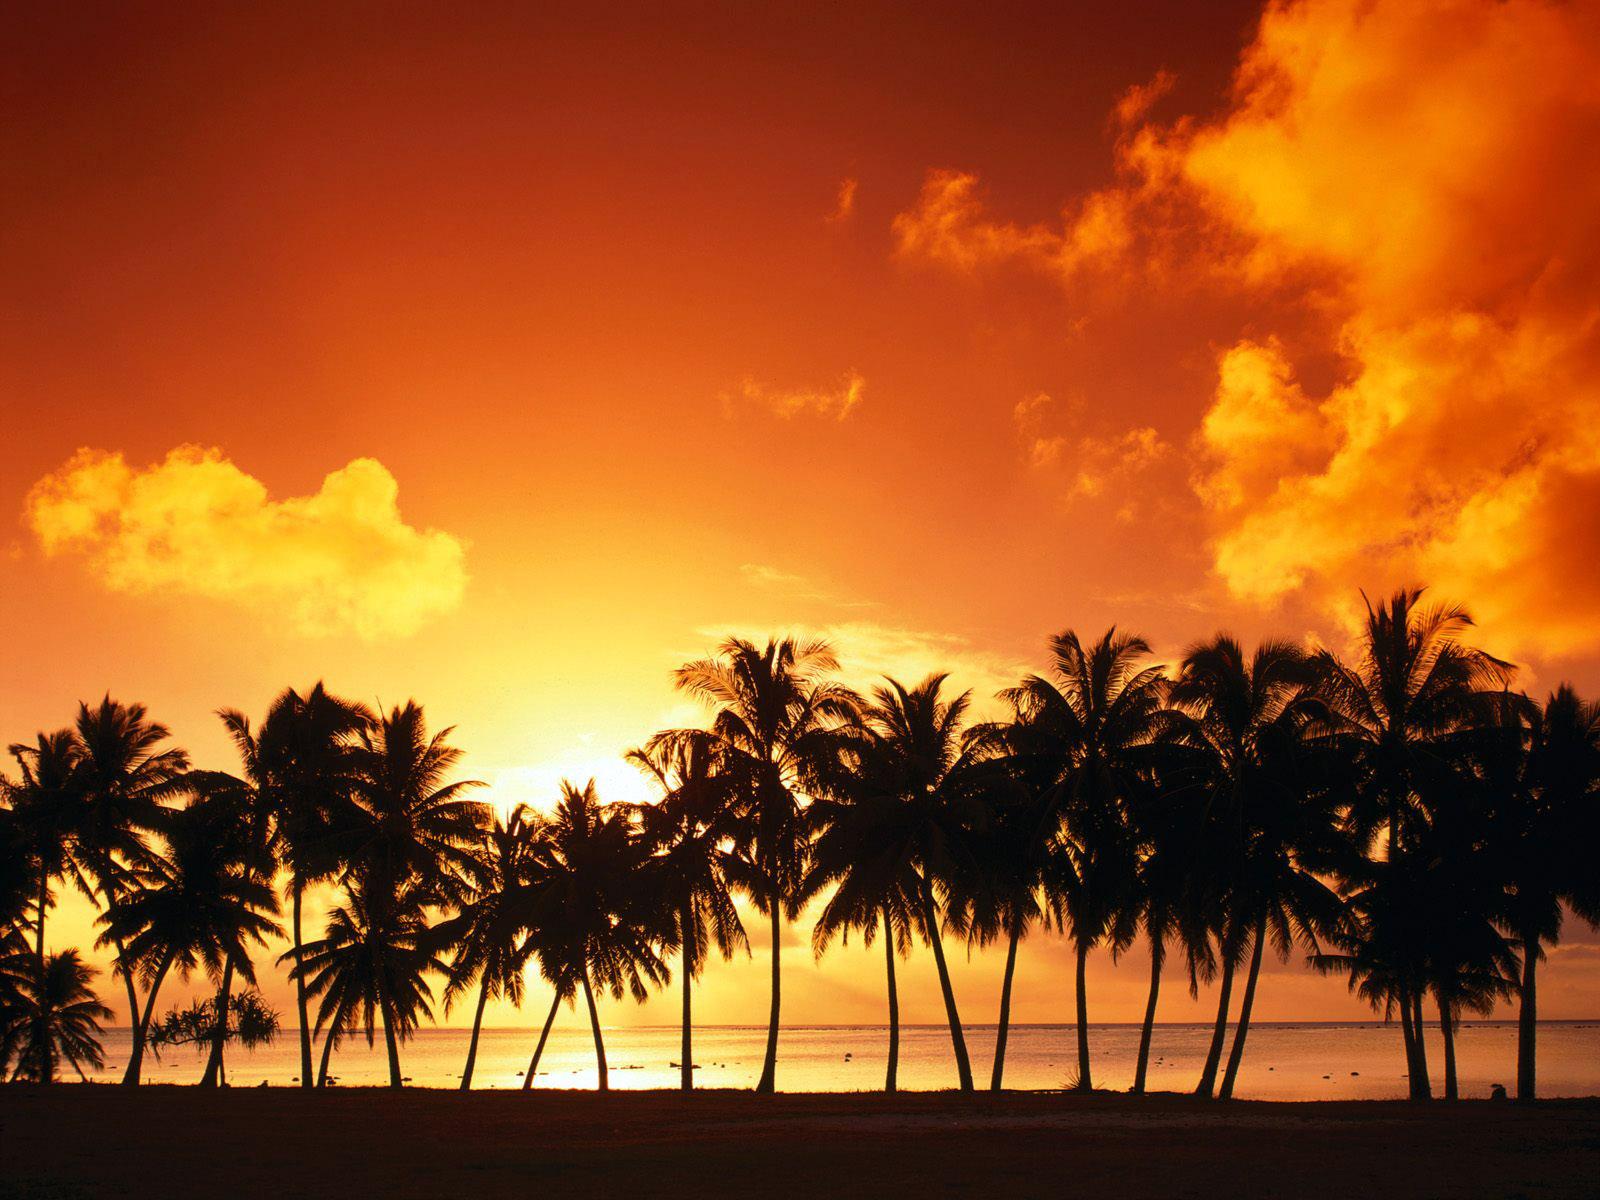 http://3.bp.blogspot.com/_bSB353YdZu8/S_Ah1FsCBAI/AAAAAAAAACs/ScGrQUlvdMM/s1600/Sunset-original.jpg